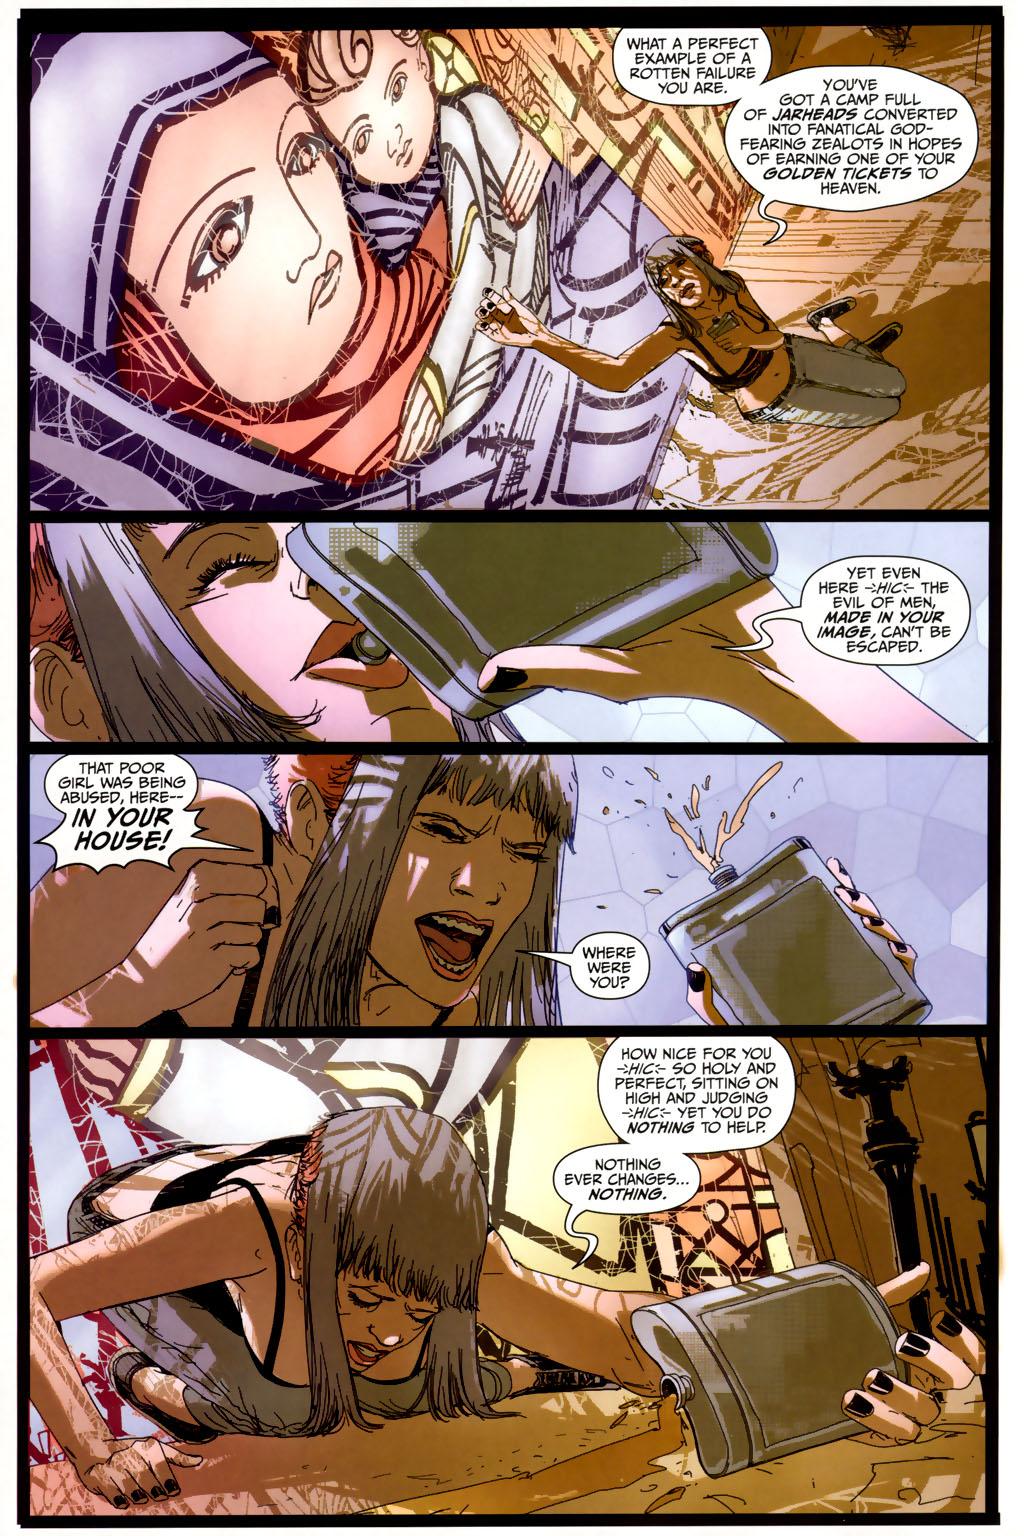 Read online Strange Girl comic -  Issue #6 - 14